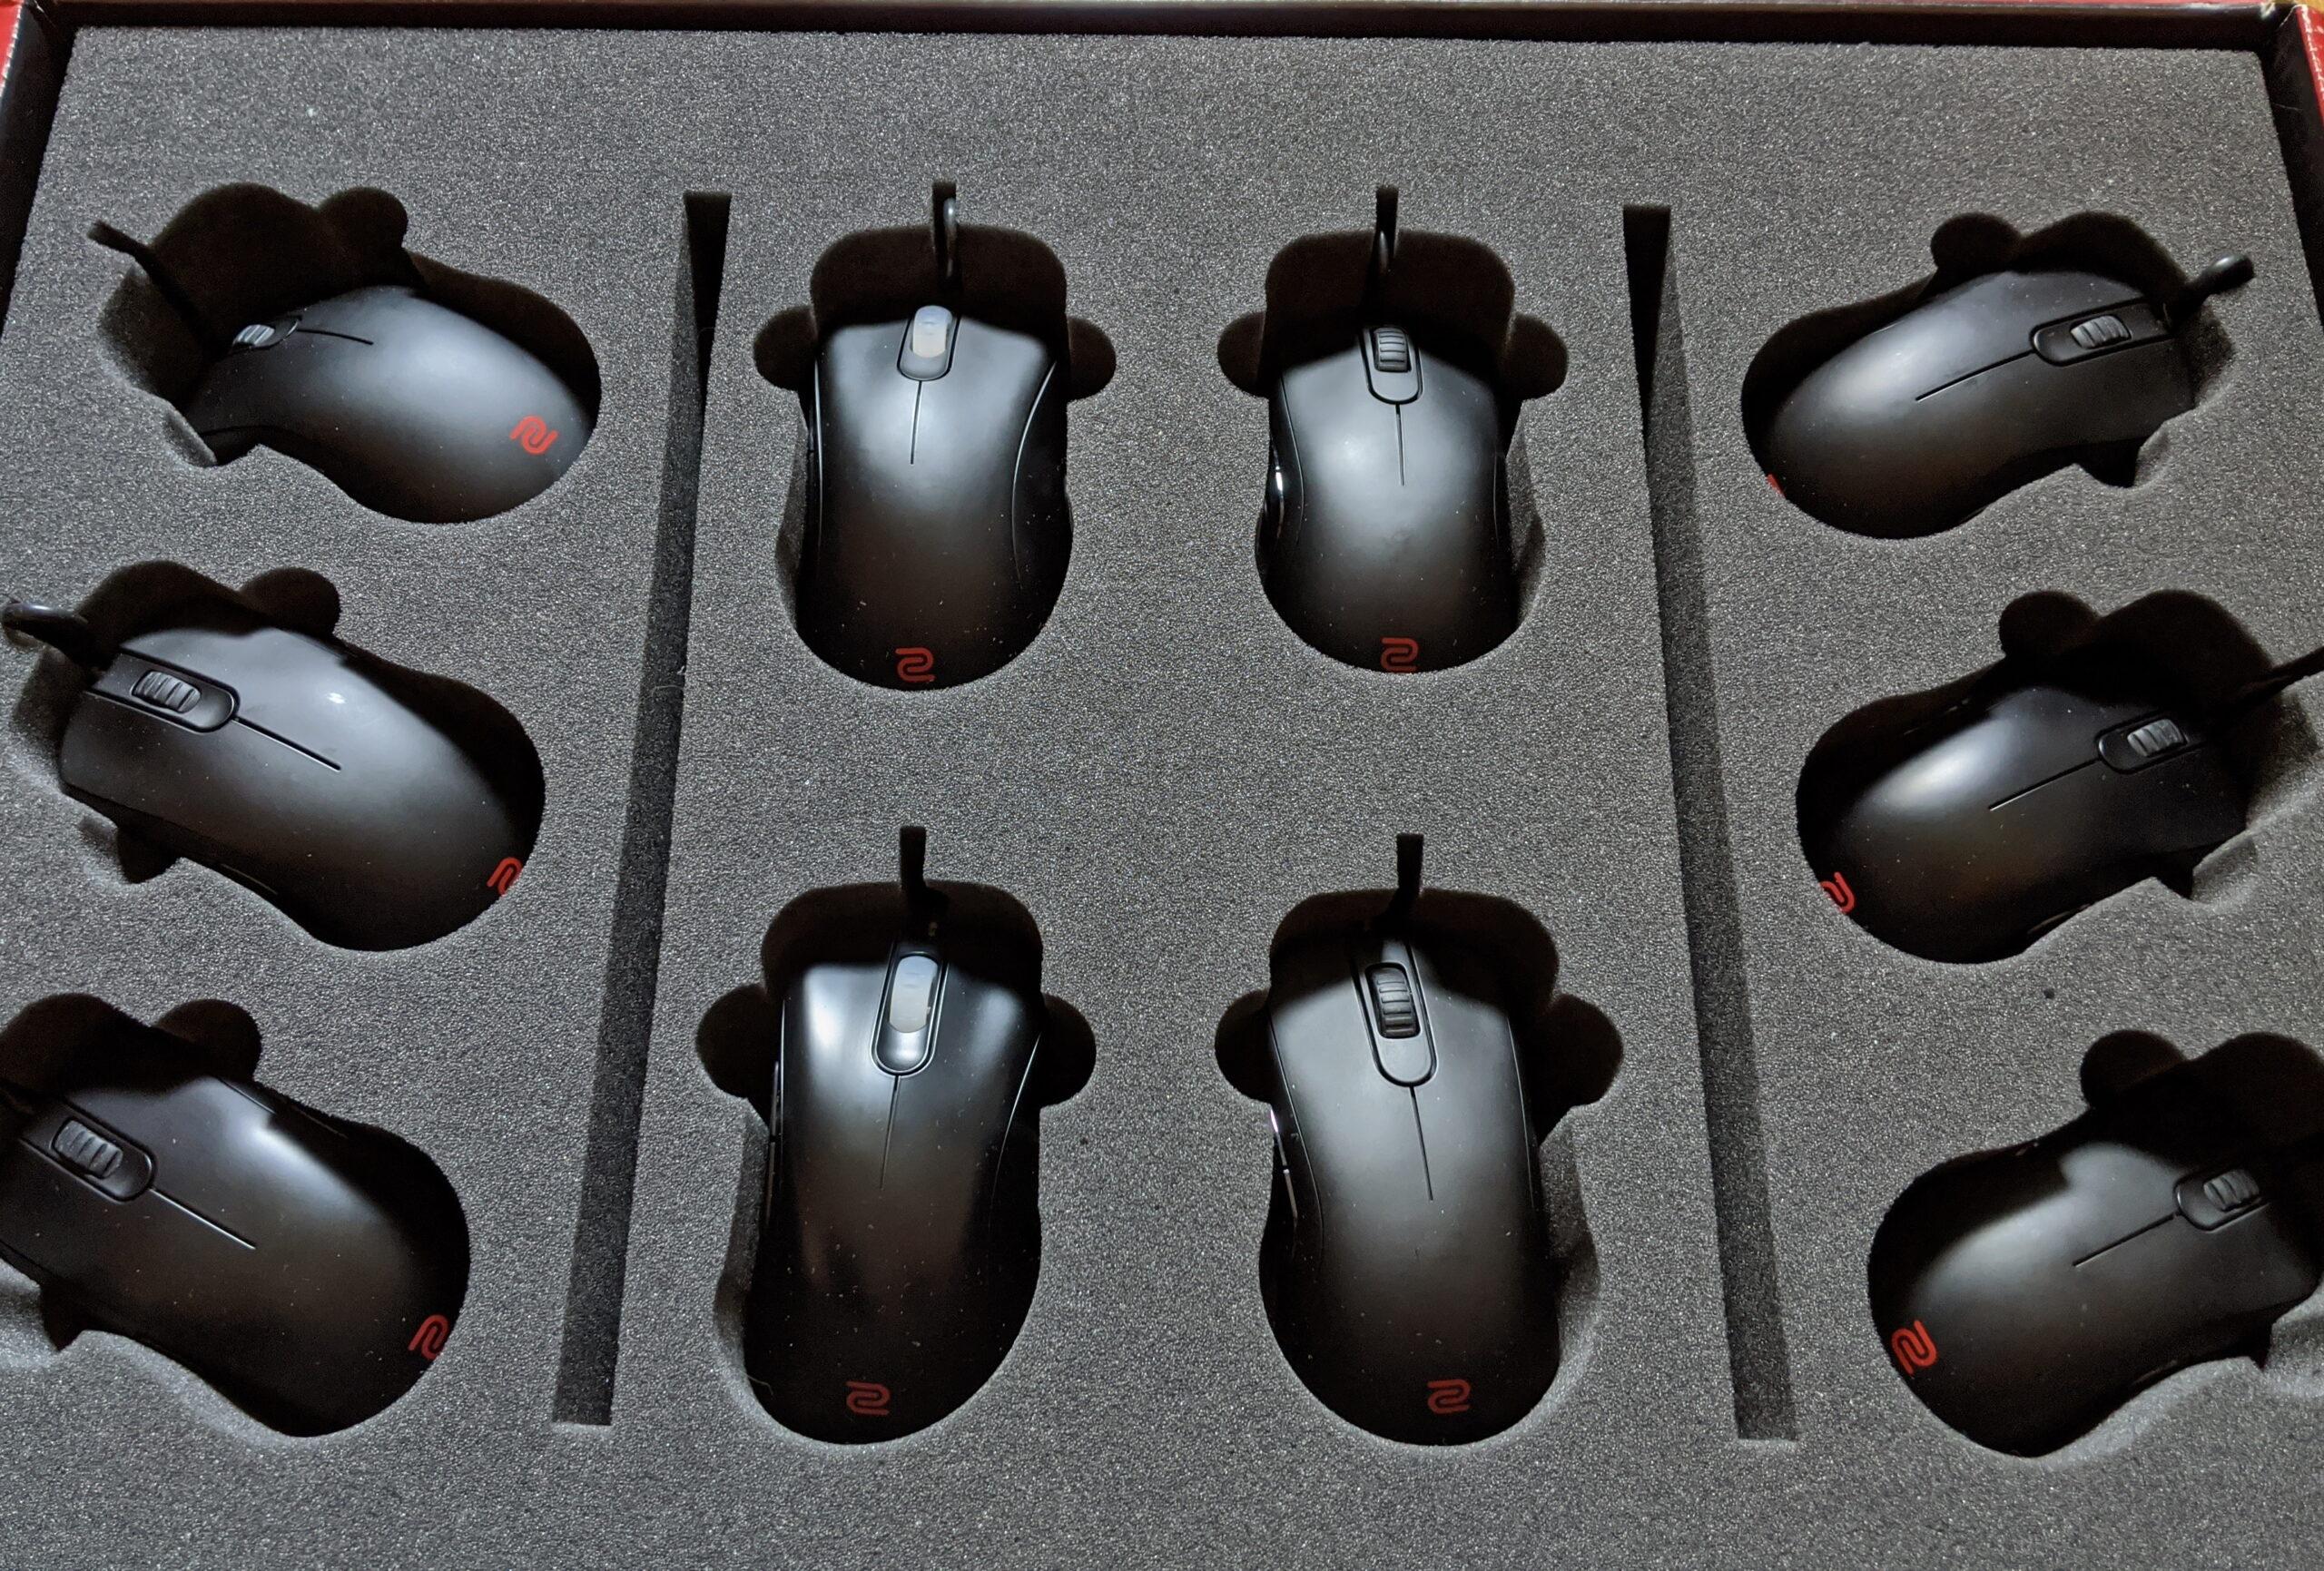 Tipos de Agarre de ratón